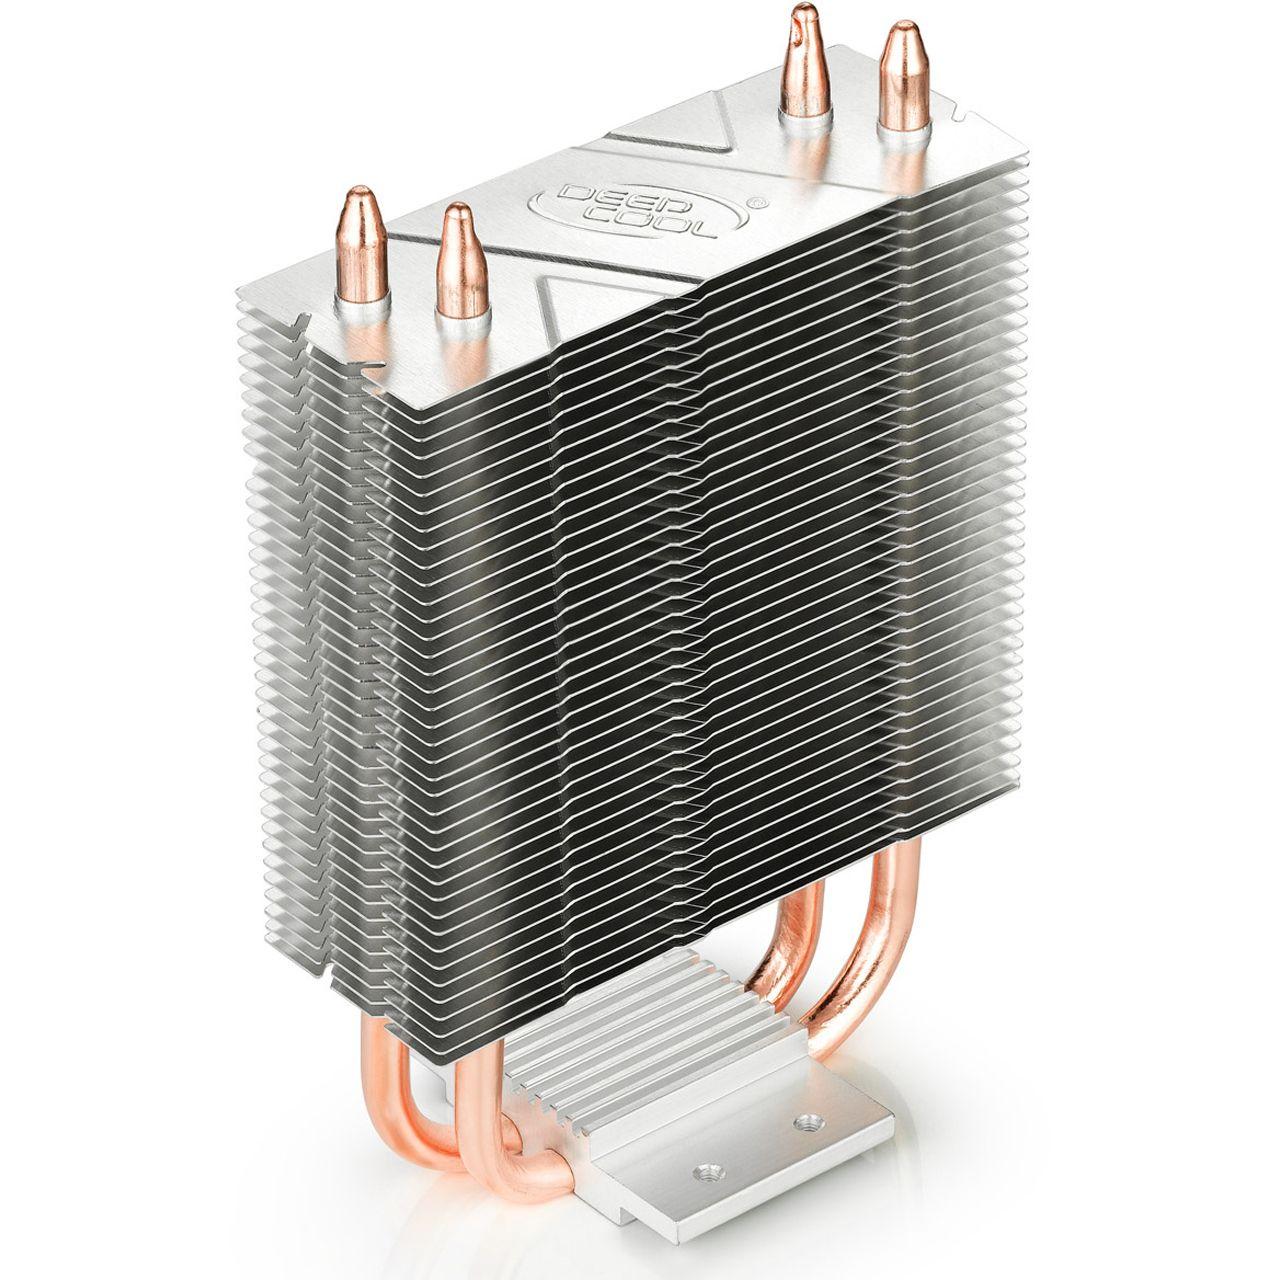 Deepcool Gammaxx 200 Tower Khler Cpu 200t Processor Cooler